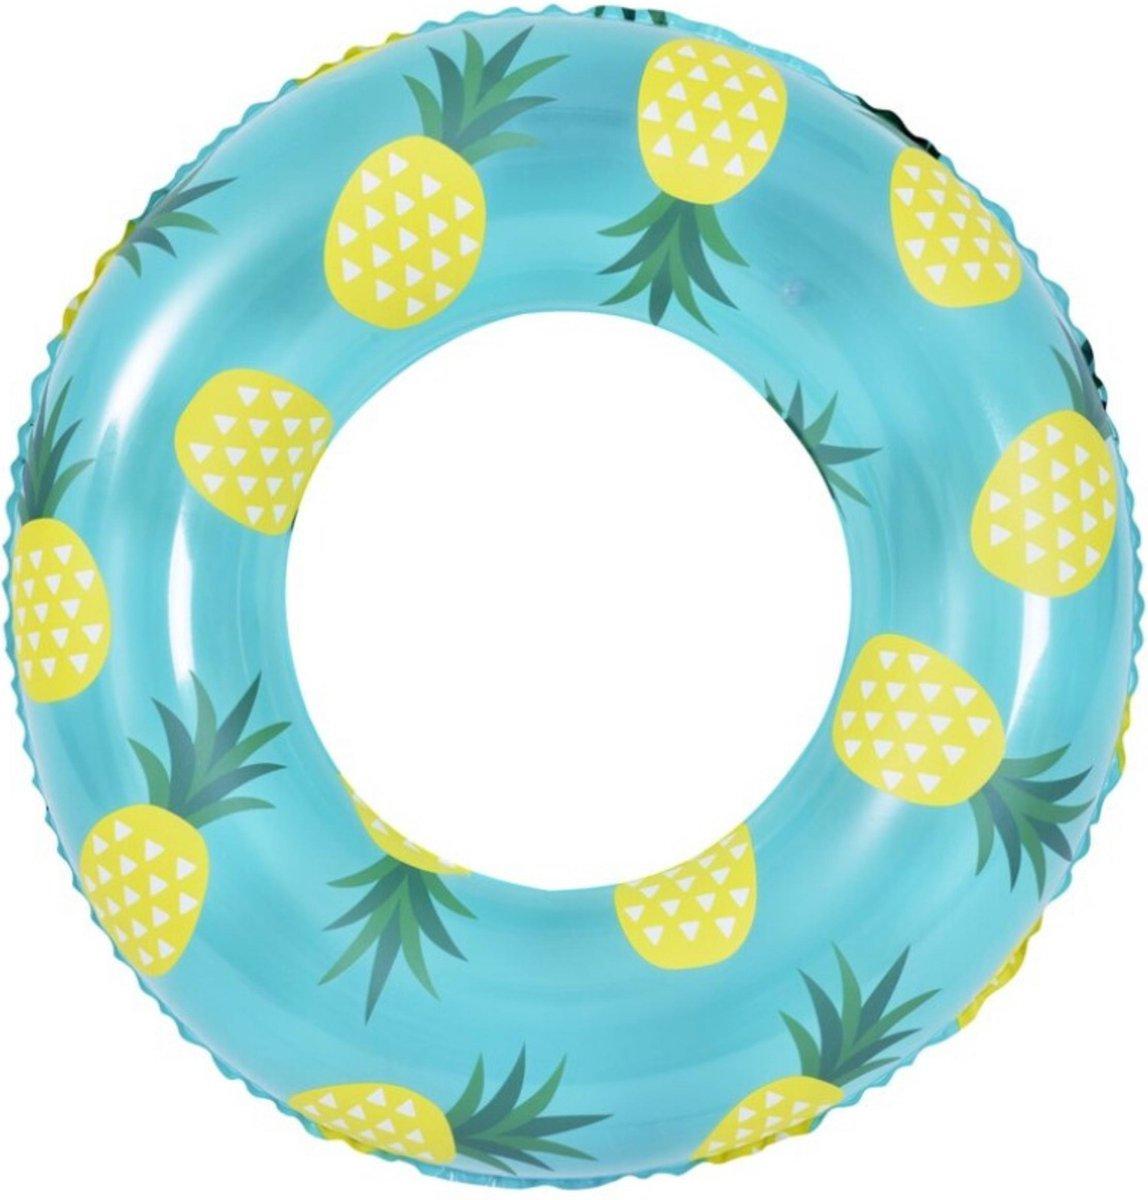 Orange85 Opblaas Zwemband - Ananas - 90 cm - Blauw - Geel - Waterspeelgoed - Opblaasband